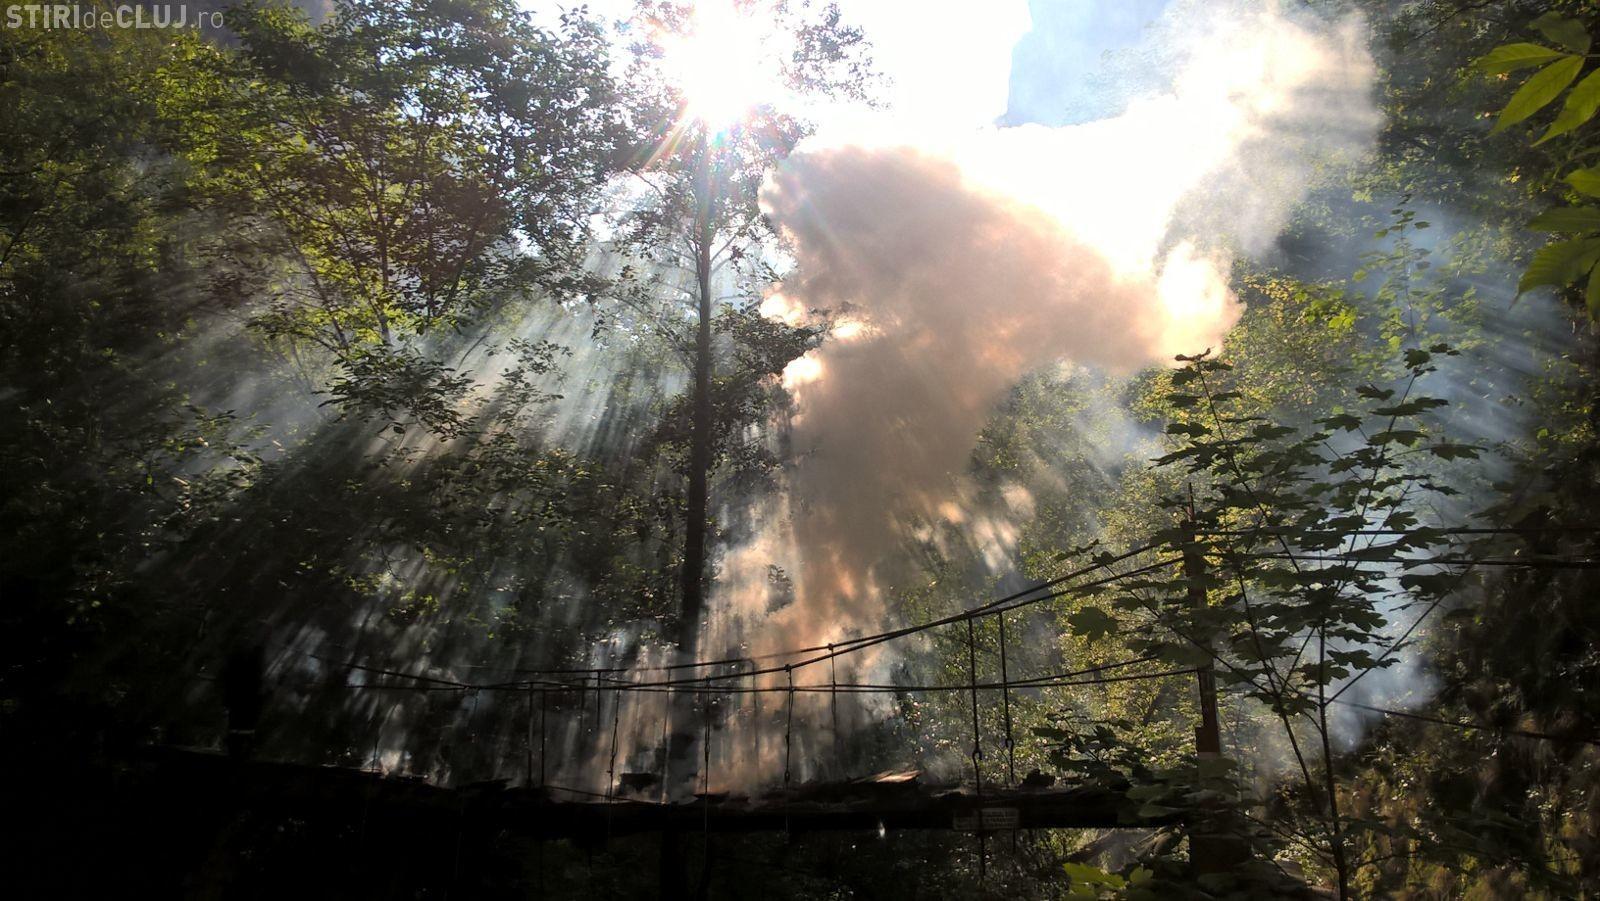 Au dat foc podului 3 din Rezervația Naturală Cheile Turzii - FOTO